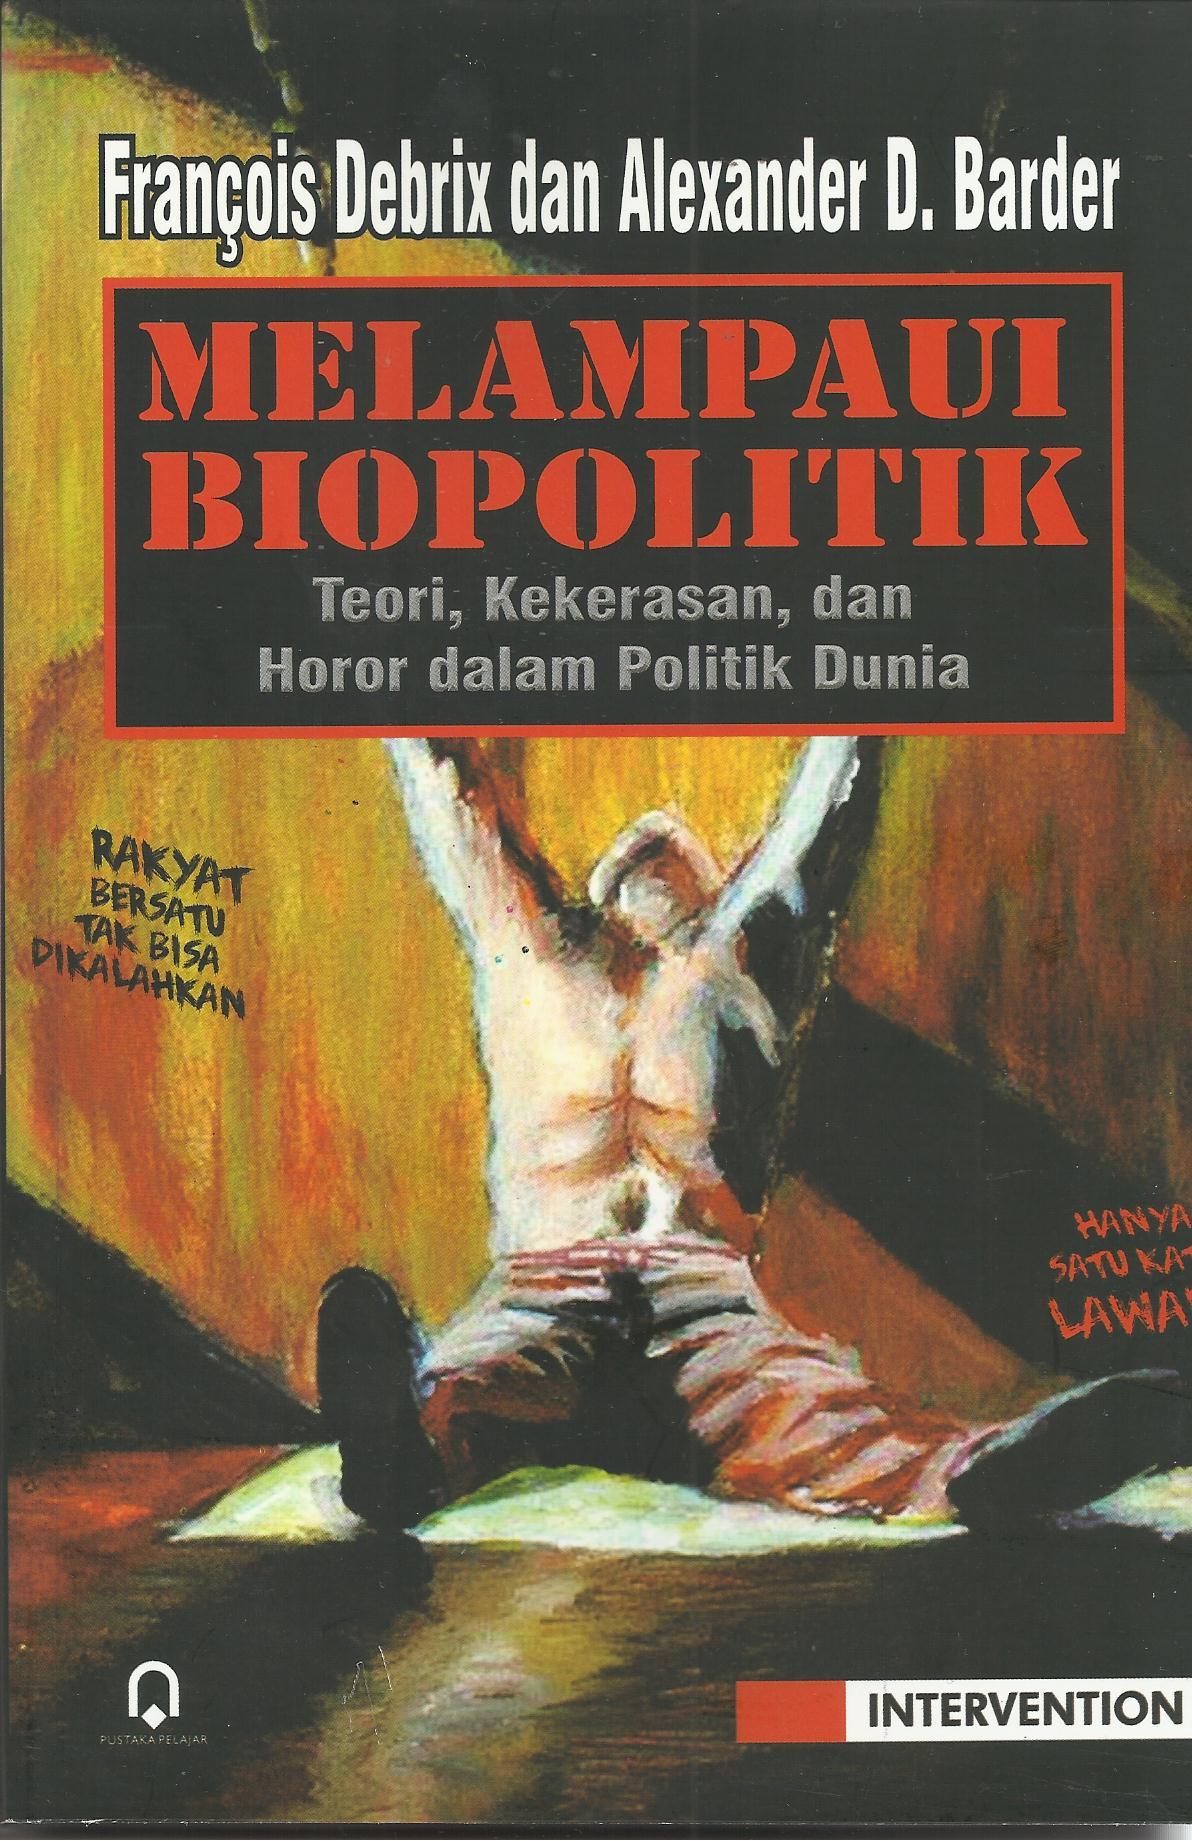 Melampaui Biopolitik (Teori, Kekerasan, dan Horor dalam Politik Dunia)